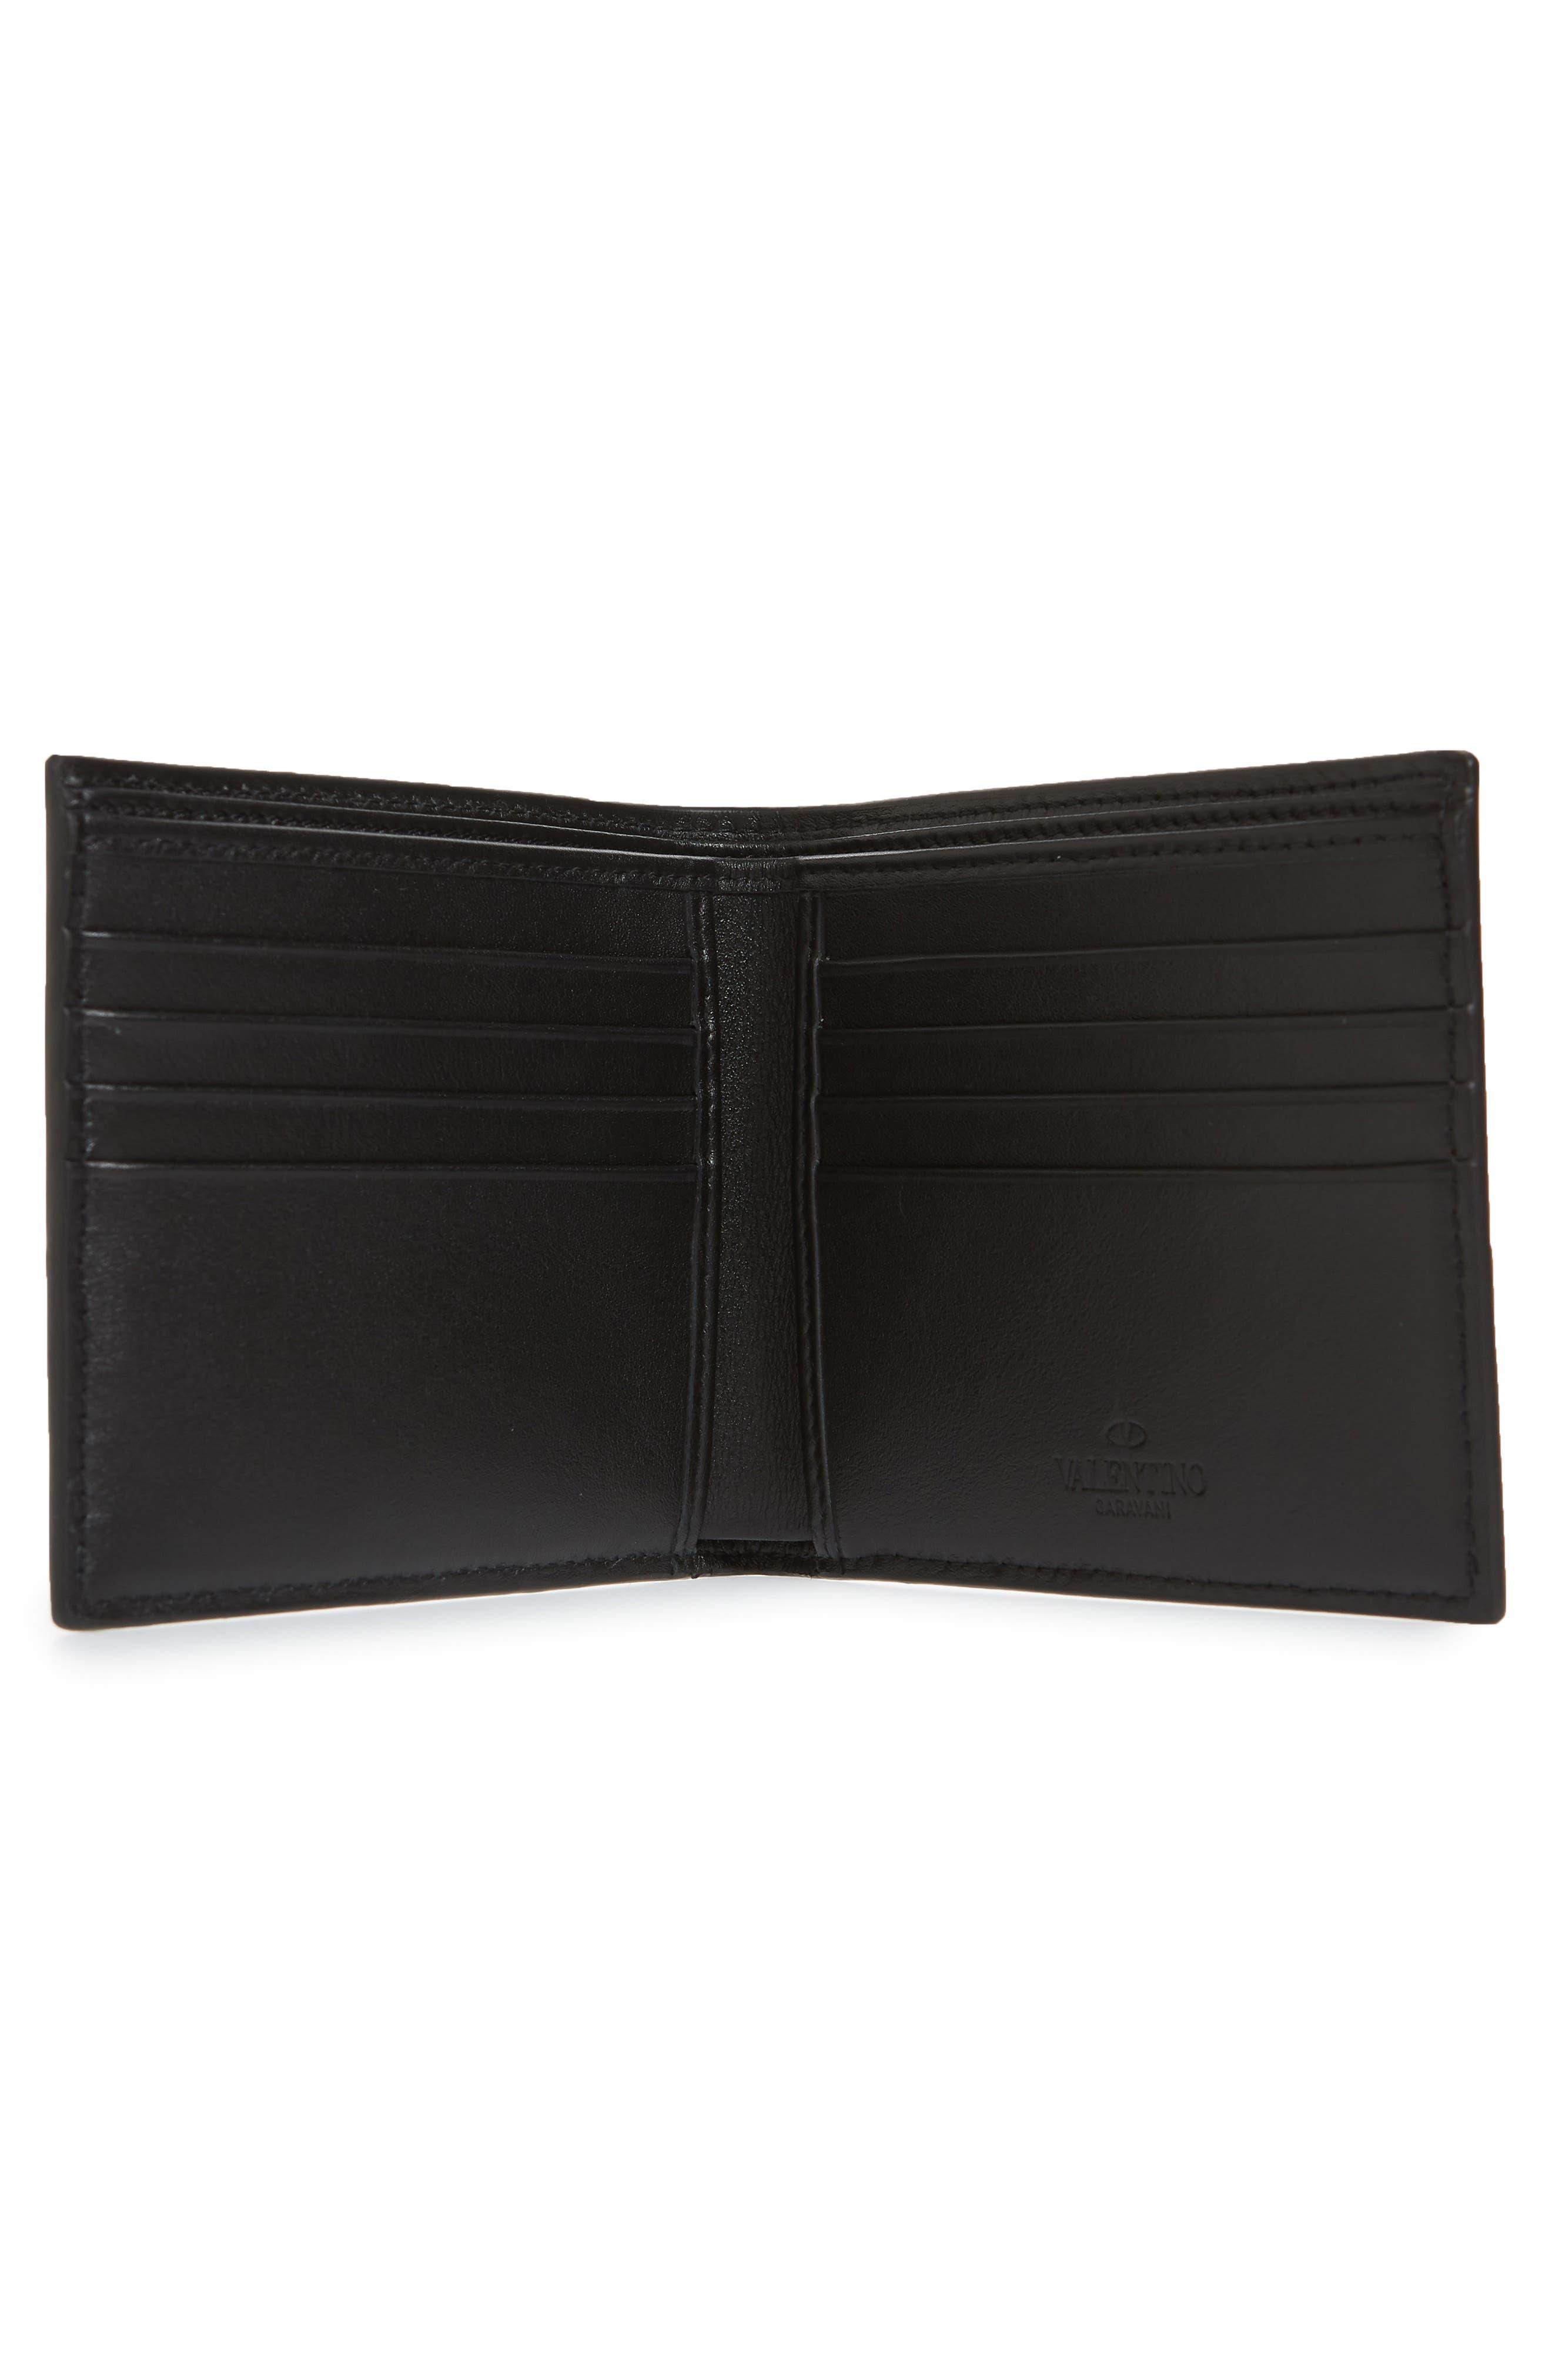 GARAVANI V-Logo Leather Wallet,                             Alternate thumbnail 2, color,                             BLACK WHITE